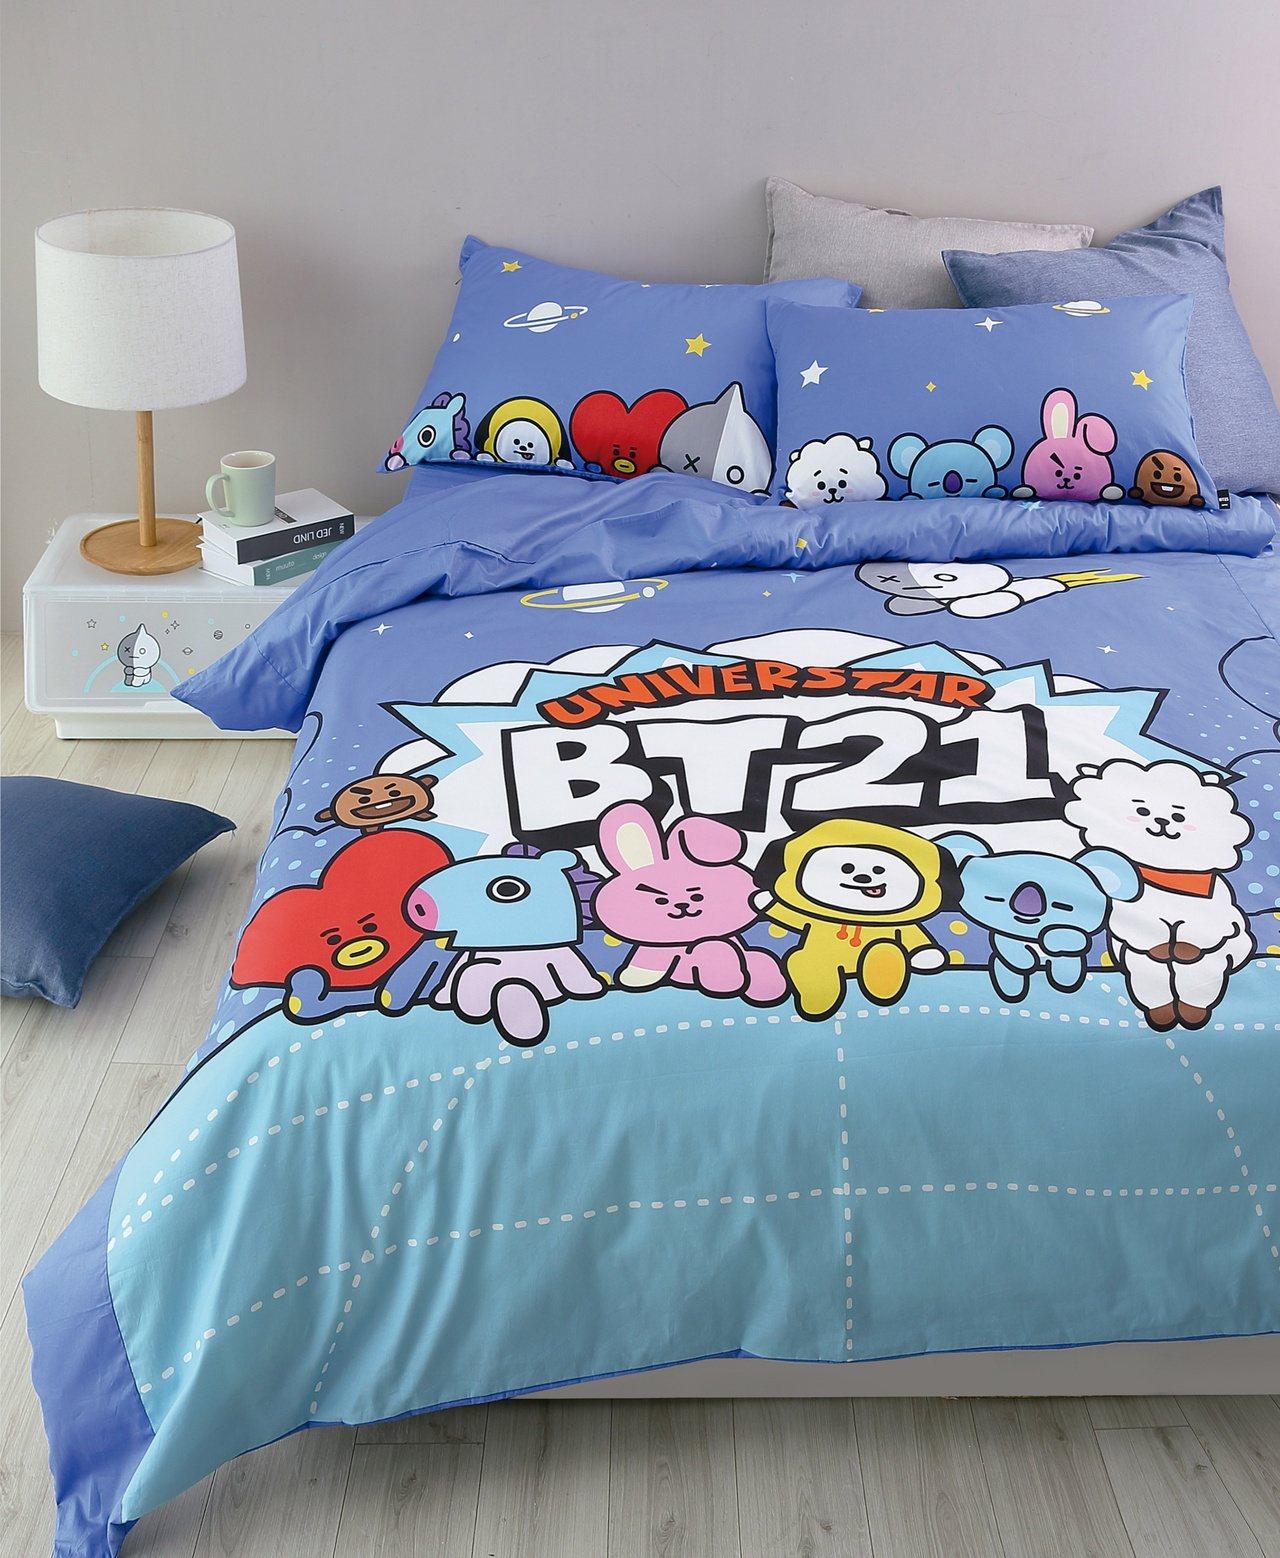 BT21純棉床被組,單人售價3,580元、雙人售價3,980元。圖/HOLA提供